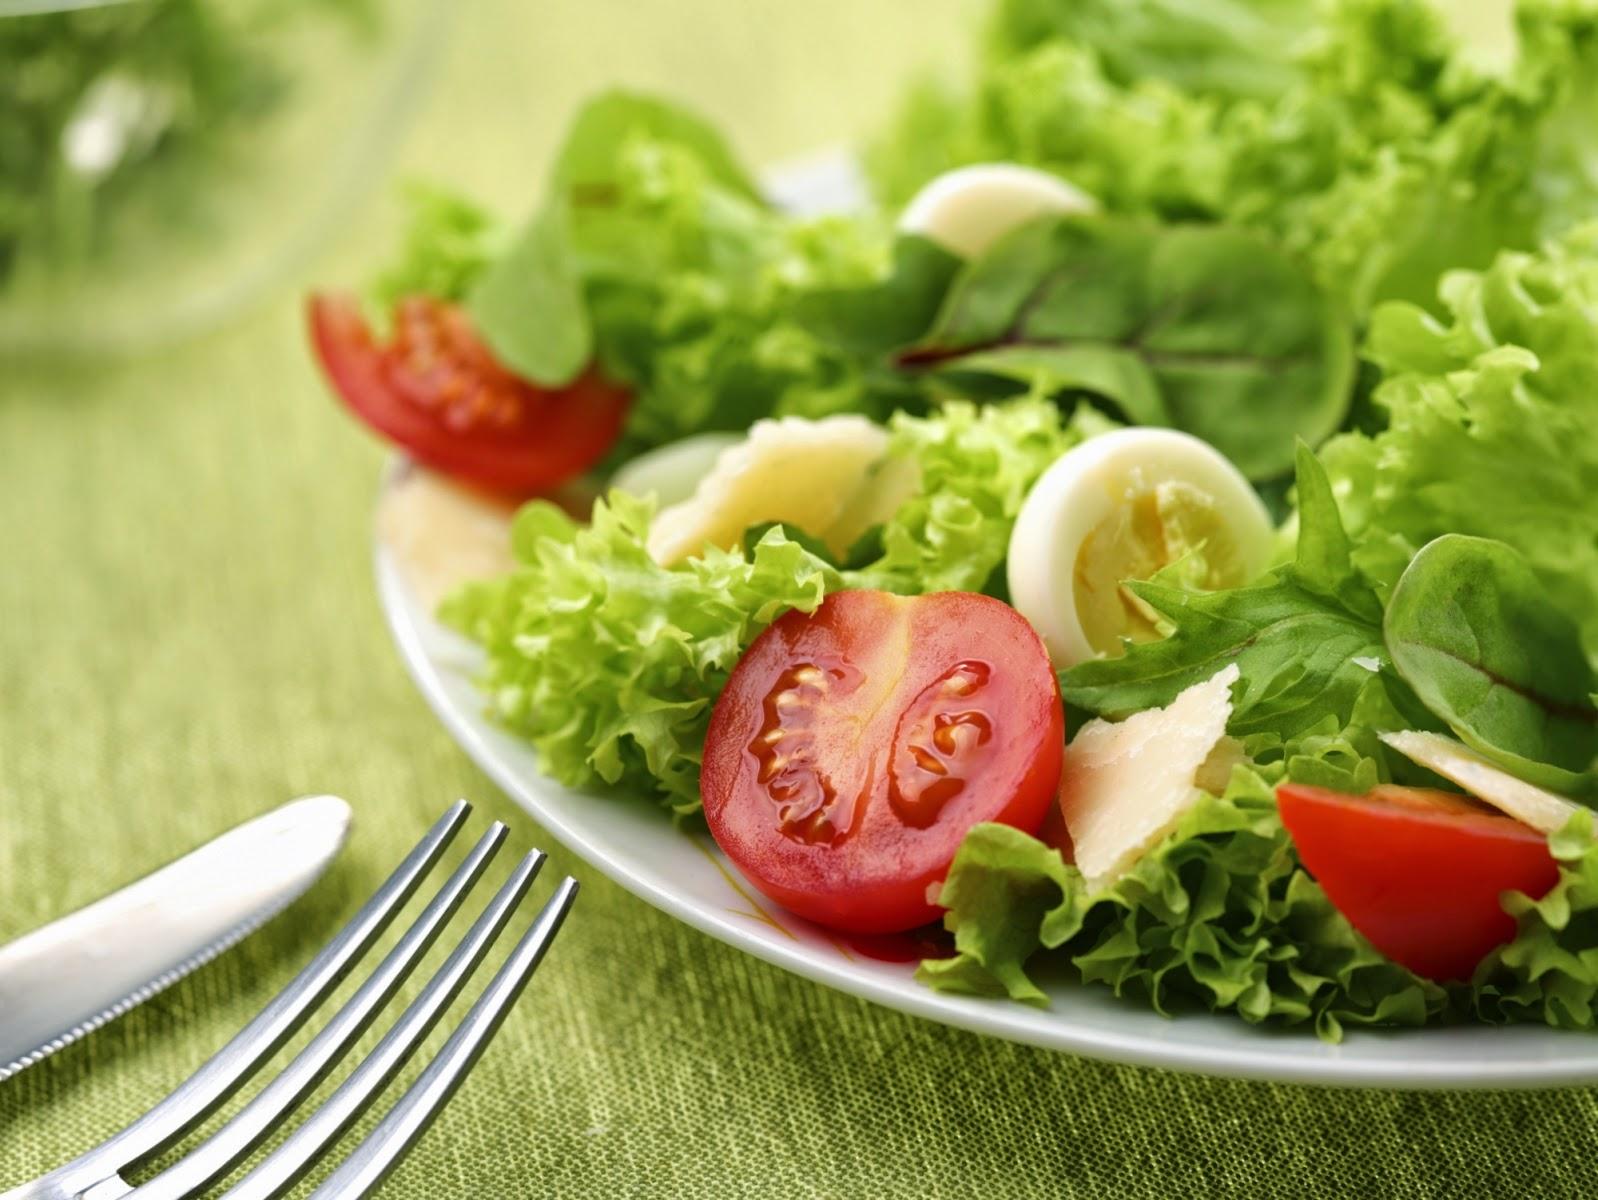 صوره افضل غذاء لتقوية الدماغ